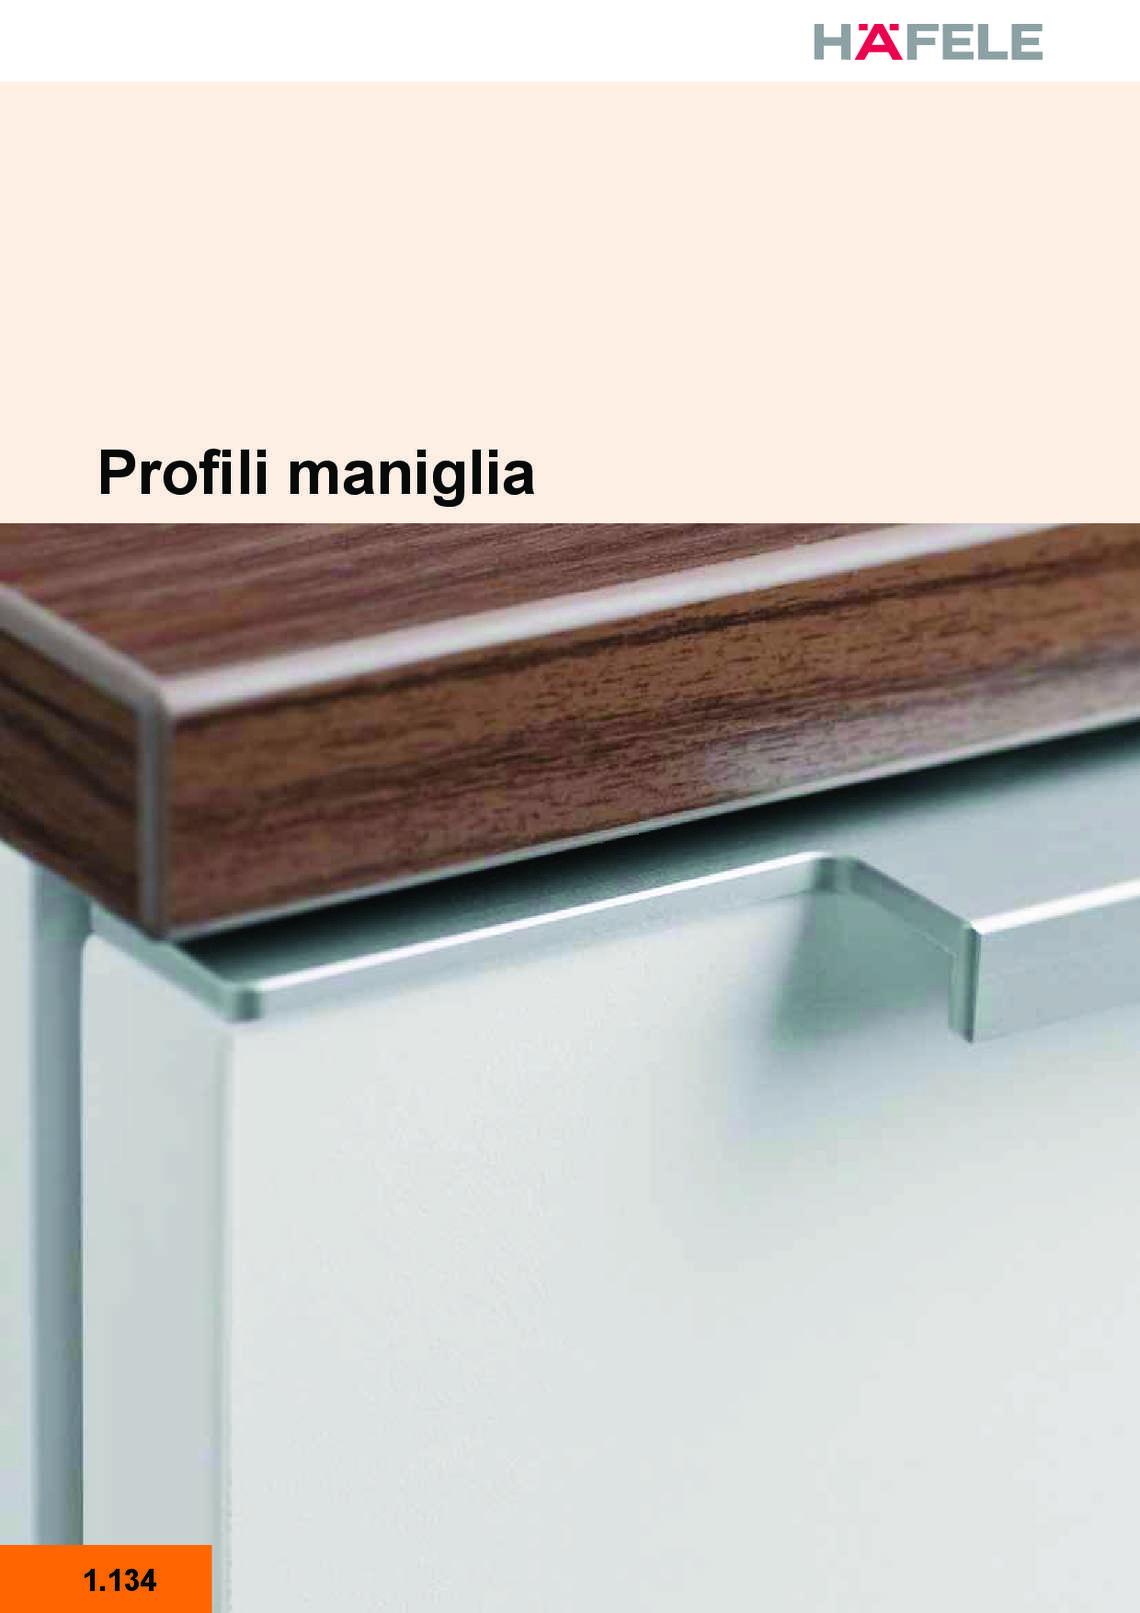 hafele-maniglie-e-pomoli_79_143.jpg